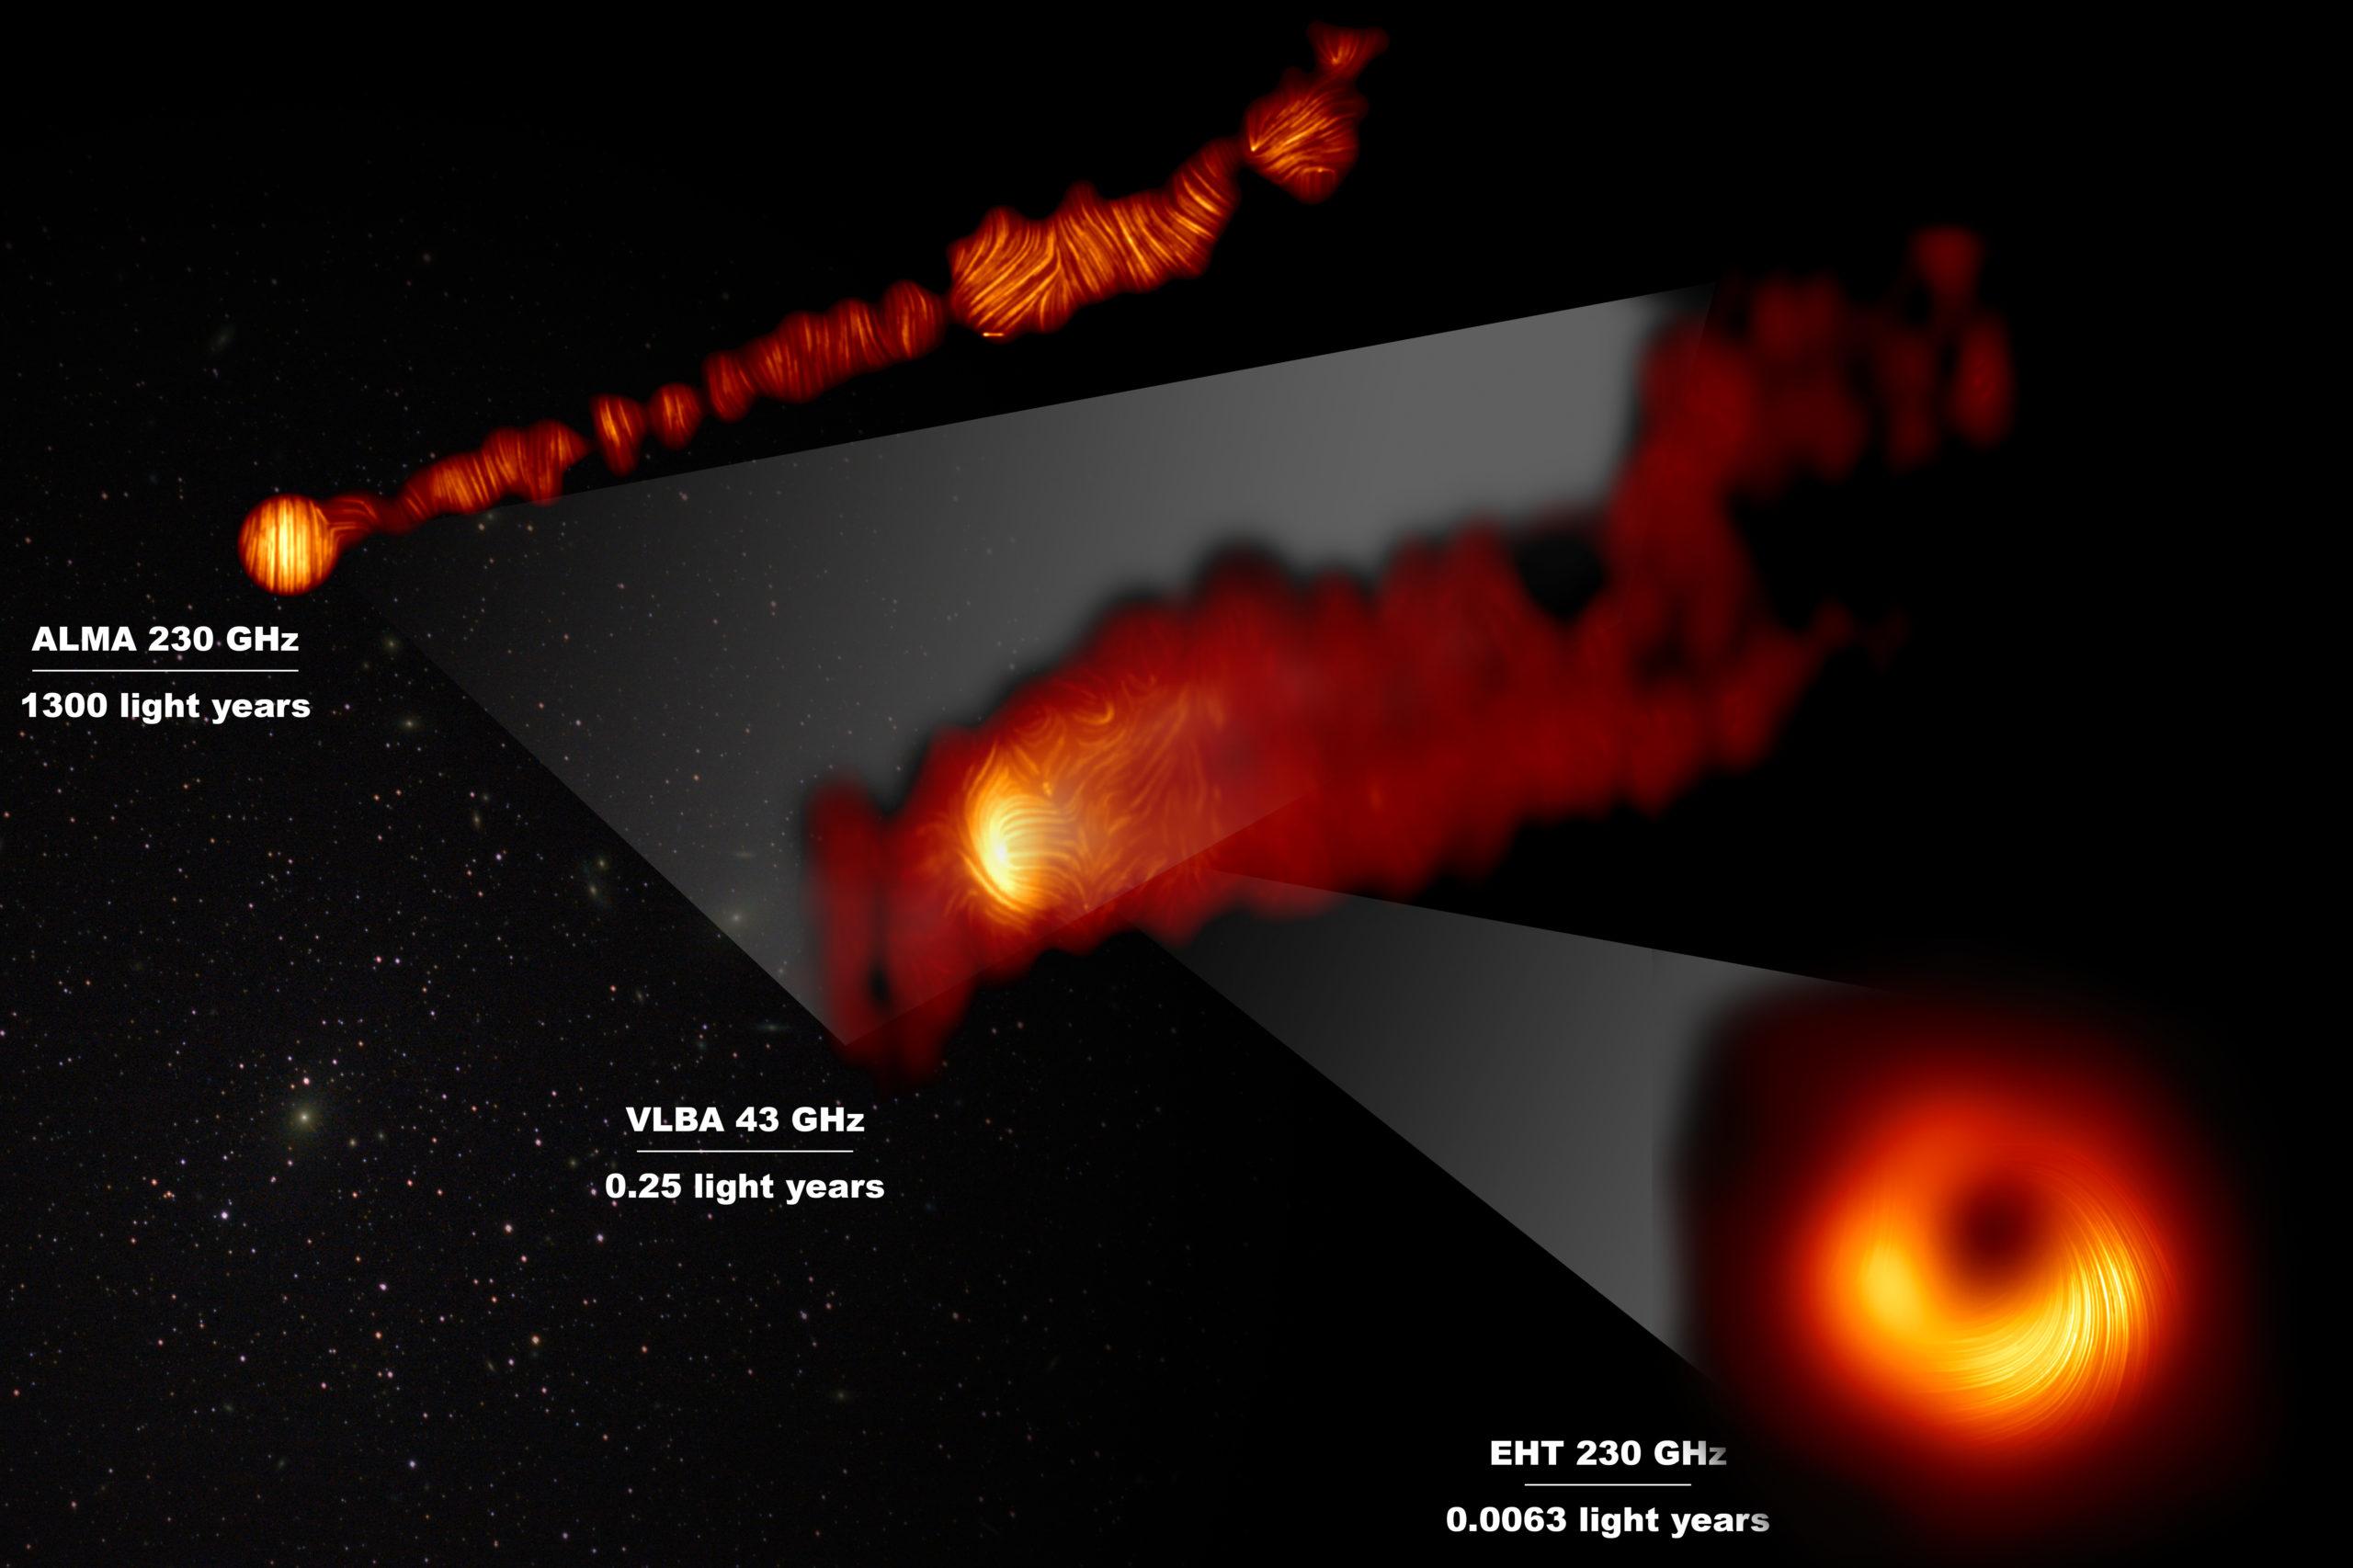 Esta composición muestra tres vistas de la región central de la galaxia Messier 87 (M87) en luz polarizada. La galaxia tiene un agujero negro supermasivo en su centro y es famosa por sus chorros, que se extienden mucho más allá de la galaxia.  Una de las imágenes de luz polarizada, obtenida con el conjunto de antenas de ALMA, muestra parte del chorro en luz polarizada. Esta imagen capta la parte del chorro, con un tamaño de 6000 años luz, que está más cerca del centro de la galaxia.  Las otras imágenes en luz polarizada se acercan al agujero negro supermasivo: la vista central cubre una región de aproximadamente un año luz de tamaño y se obtuvo con el VLBA (Very Long Baseline Array) del Observatorio Nacional de Radioastronomía, en los Estados Unidos.  La vista más ampliada se obtuvo mediante la vinculación de ocho telescopios de todo el mundo para crear un telescopio virtual del tamaño de la Tierra, el EHT (Event Horizon Telescope, Telescopio de Horizonte de Sucesos). Esto permite a los astrónomos ver la zona que está muy cerca del agujero negro supermasivo, en la región donde se lanzan los chorros.  Las líneas marcan la orientación de la polarización, que está relacionada con el campo magnético en las regiones que vemos en la imagen. Los datos de ALMA proporcionan una descripción de la estructura del campo magnético a lo largo del chorro. Por lo tanto, la información combinada del EHT y ALMA permite a los astrónomos investigar el papel de los campos magnéticos desde las proximidades del horizonte de sucesos (como ha demostrado el EHT en escalas de día luz) mucho más allá de la galaxia M87 a lo largo de sus potentes chorros (como se ha visto con ALMA en escalas de miles de años luz).  Los valores en GHz se refieren a las frecuencias de luz en las que se realizaron las diferentes observaciones. Las líneas horizontales muestran la escala (en años luz) de cada una de las imágenes individuales. Crédito: EHT Collaboration; ALMA (ESO/NAOJ/NRAO), Goddi et al.; VLBA (NRAO),